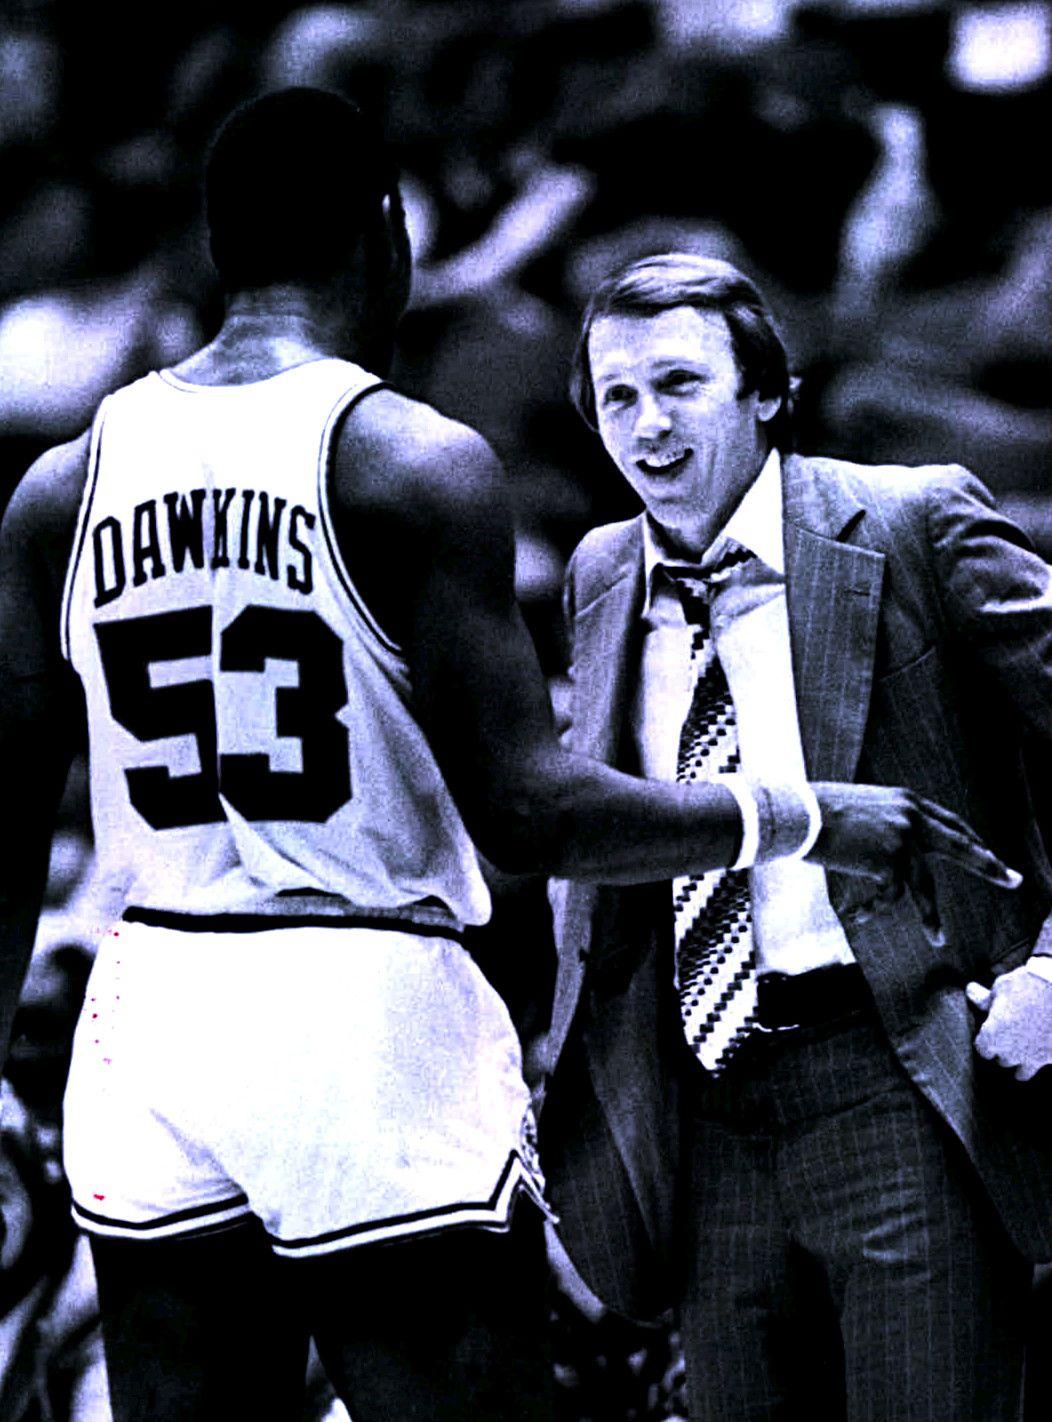 Darryl Dawkins & Billy Cunningham sports